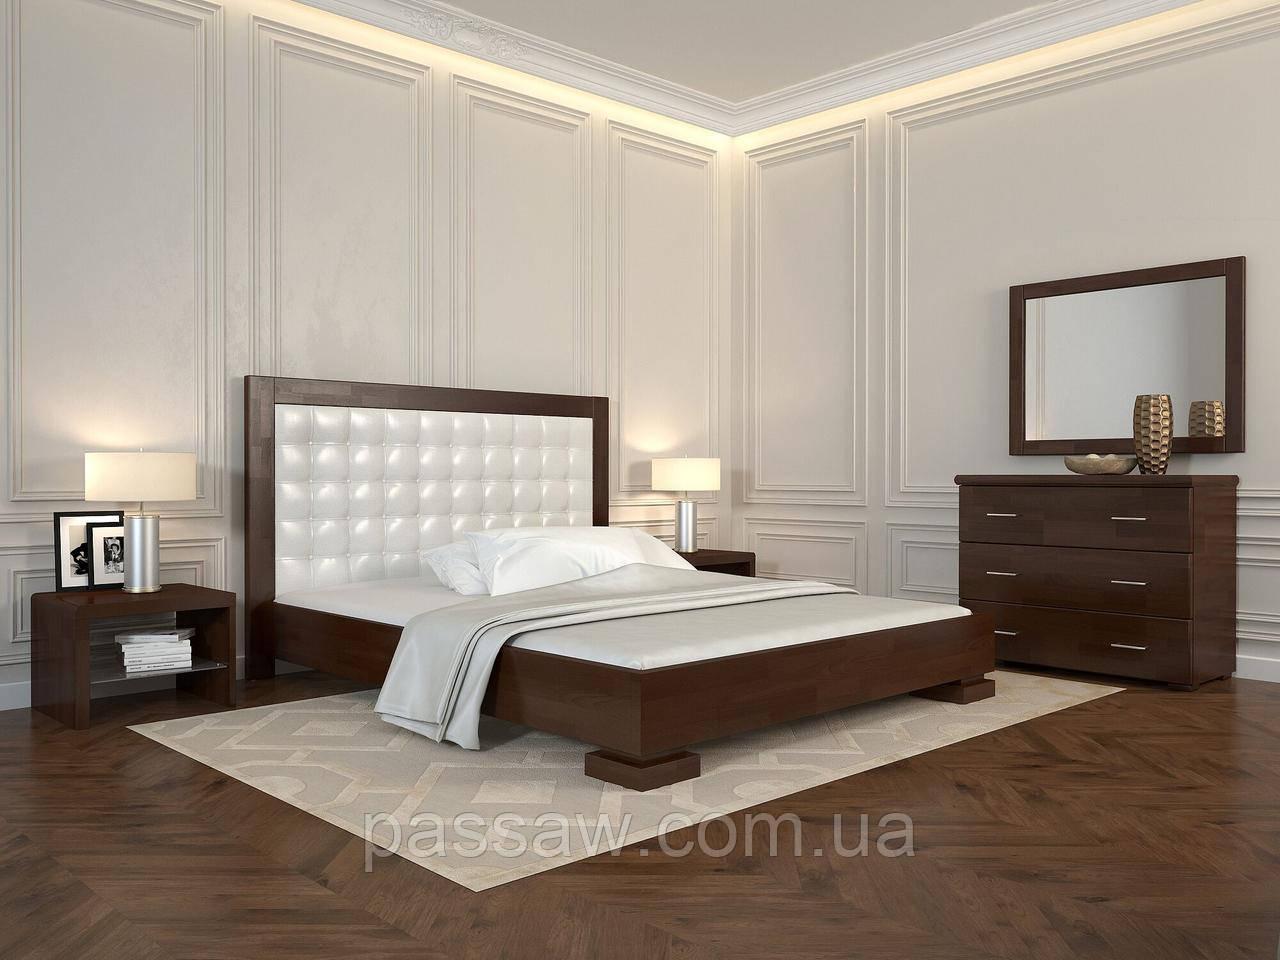 """Кровать деревянная ARBOR DREV  """"Подиум квадраты"""" 1,6 сосна"""